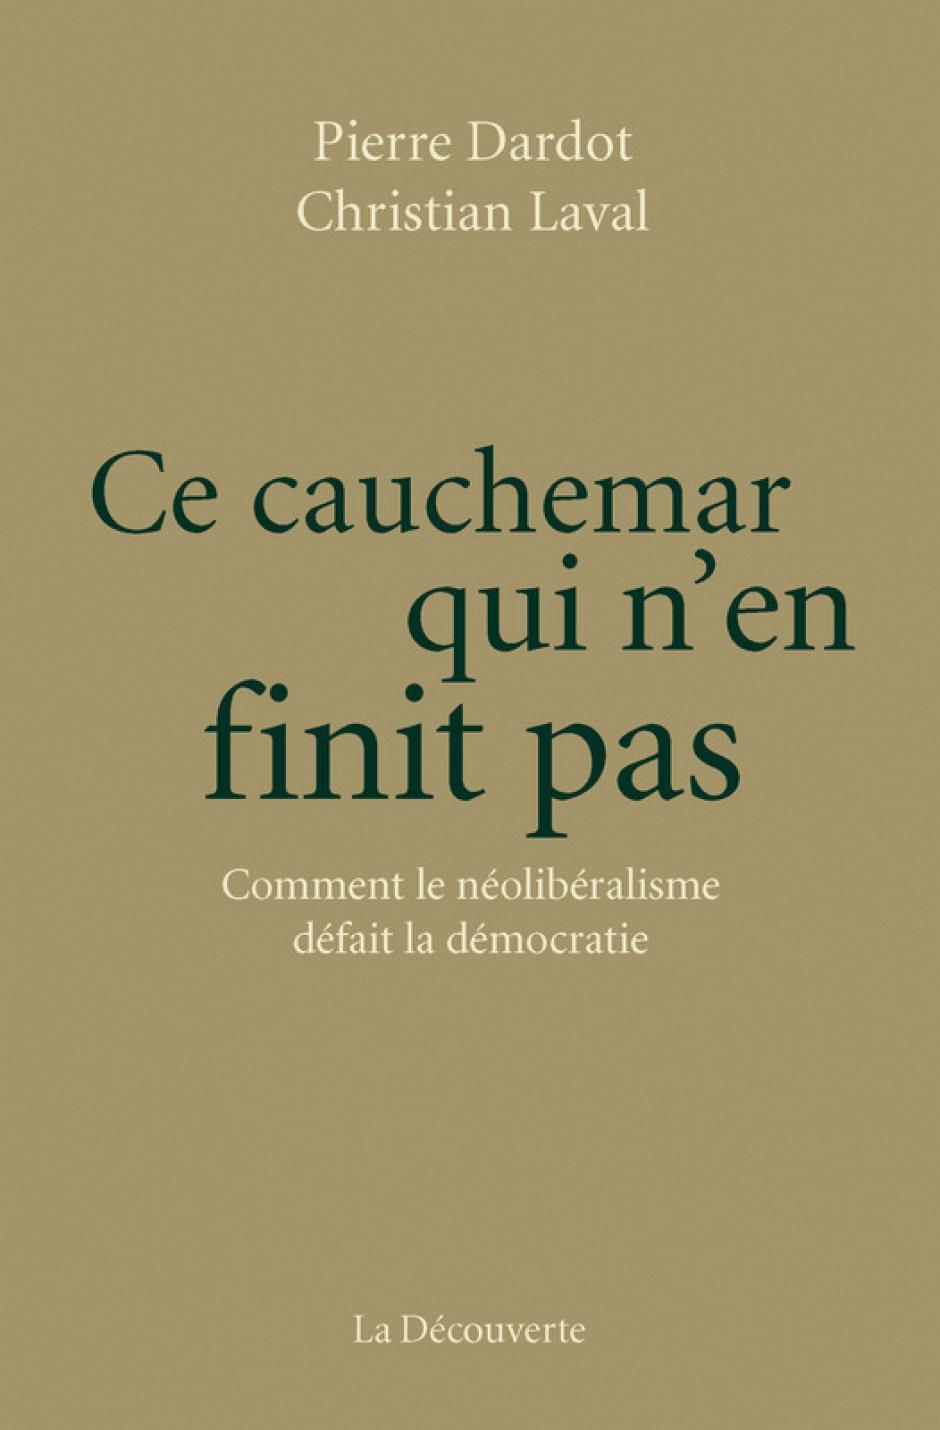 Ce cauchemar qui n'en finit pas.Comment le néolibéralisme défait la démocratie, Pierre Dardot, Christian Laval